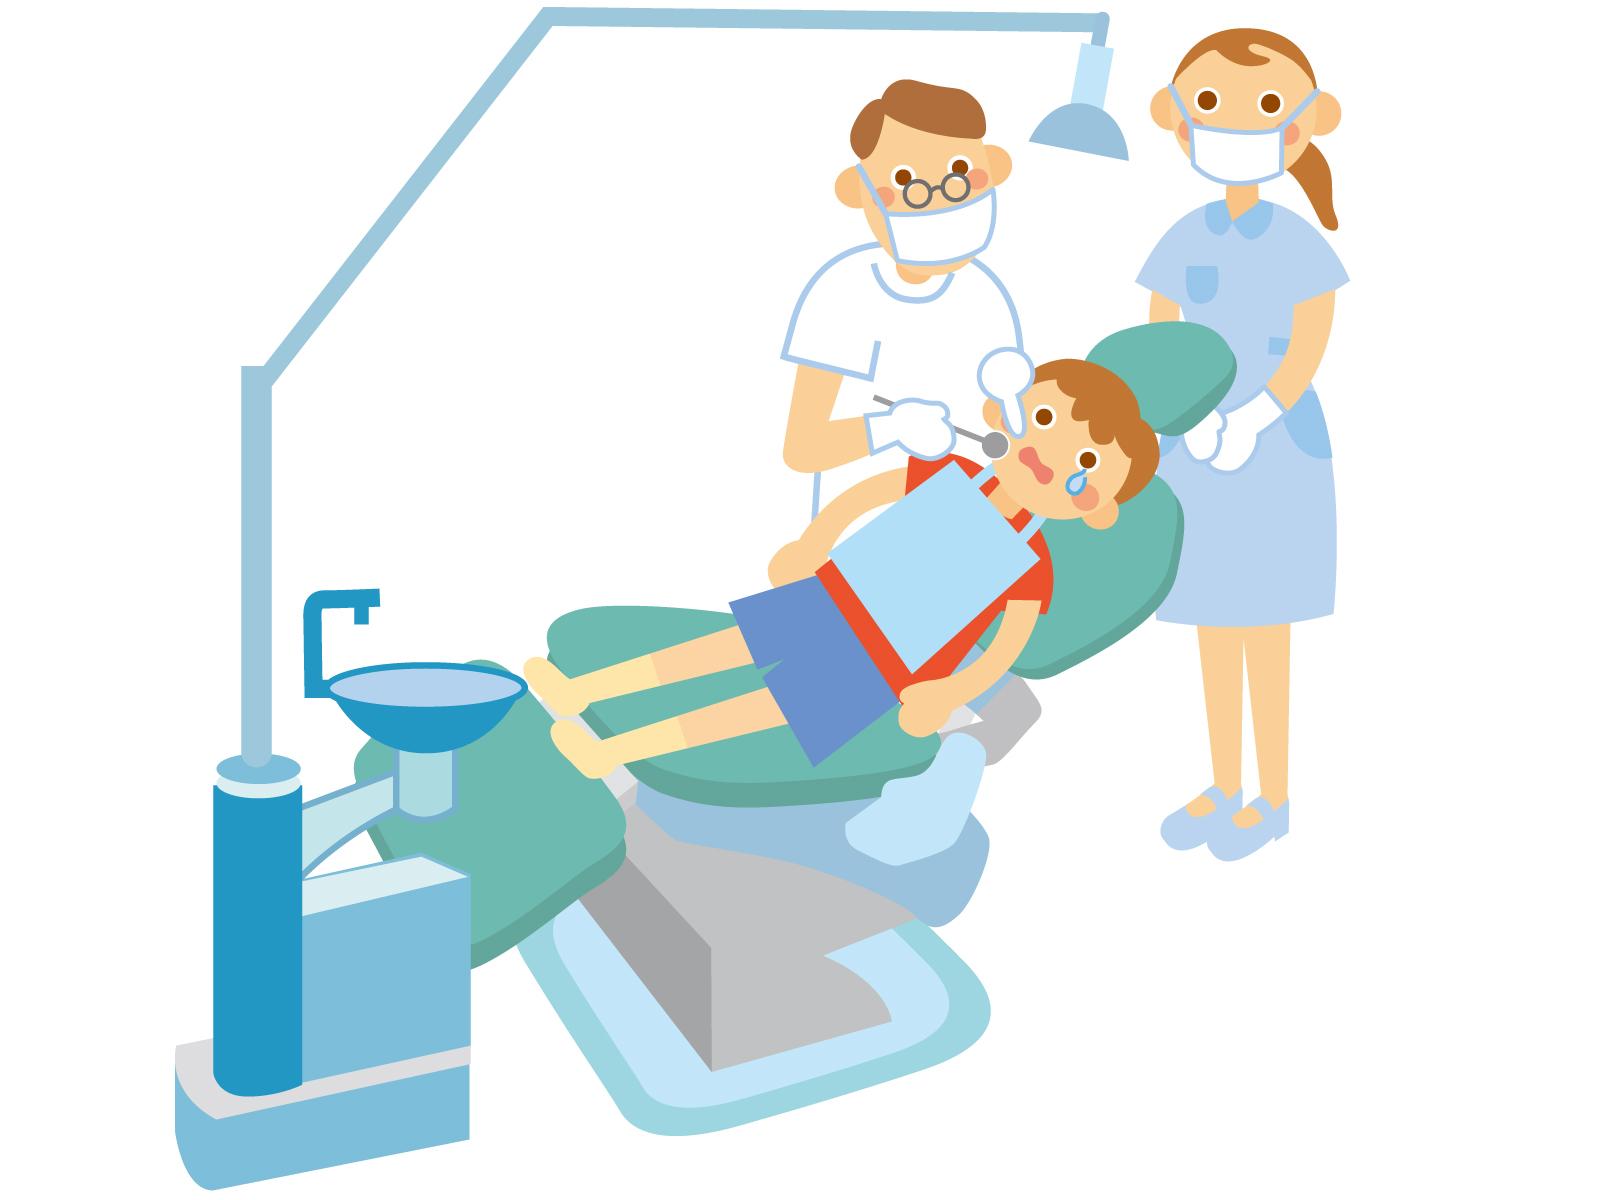 歯科の看護師になるためには【歯科助手勤務のメリット・デメリットについて】